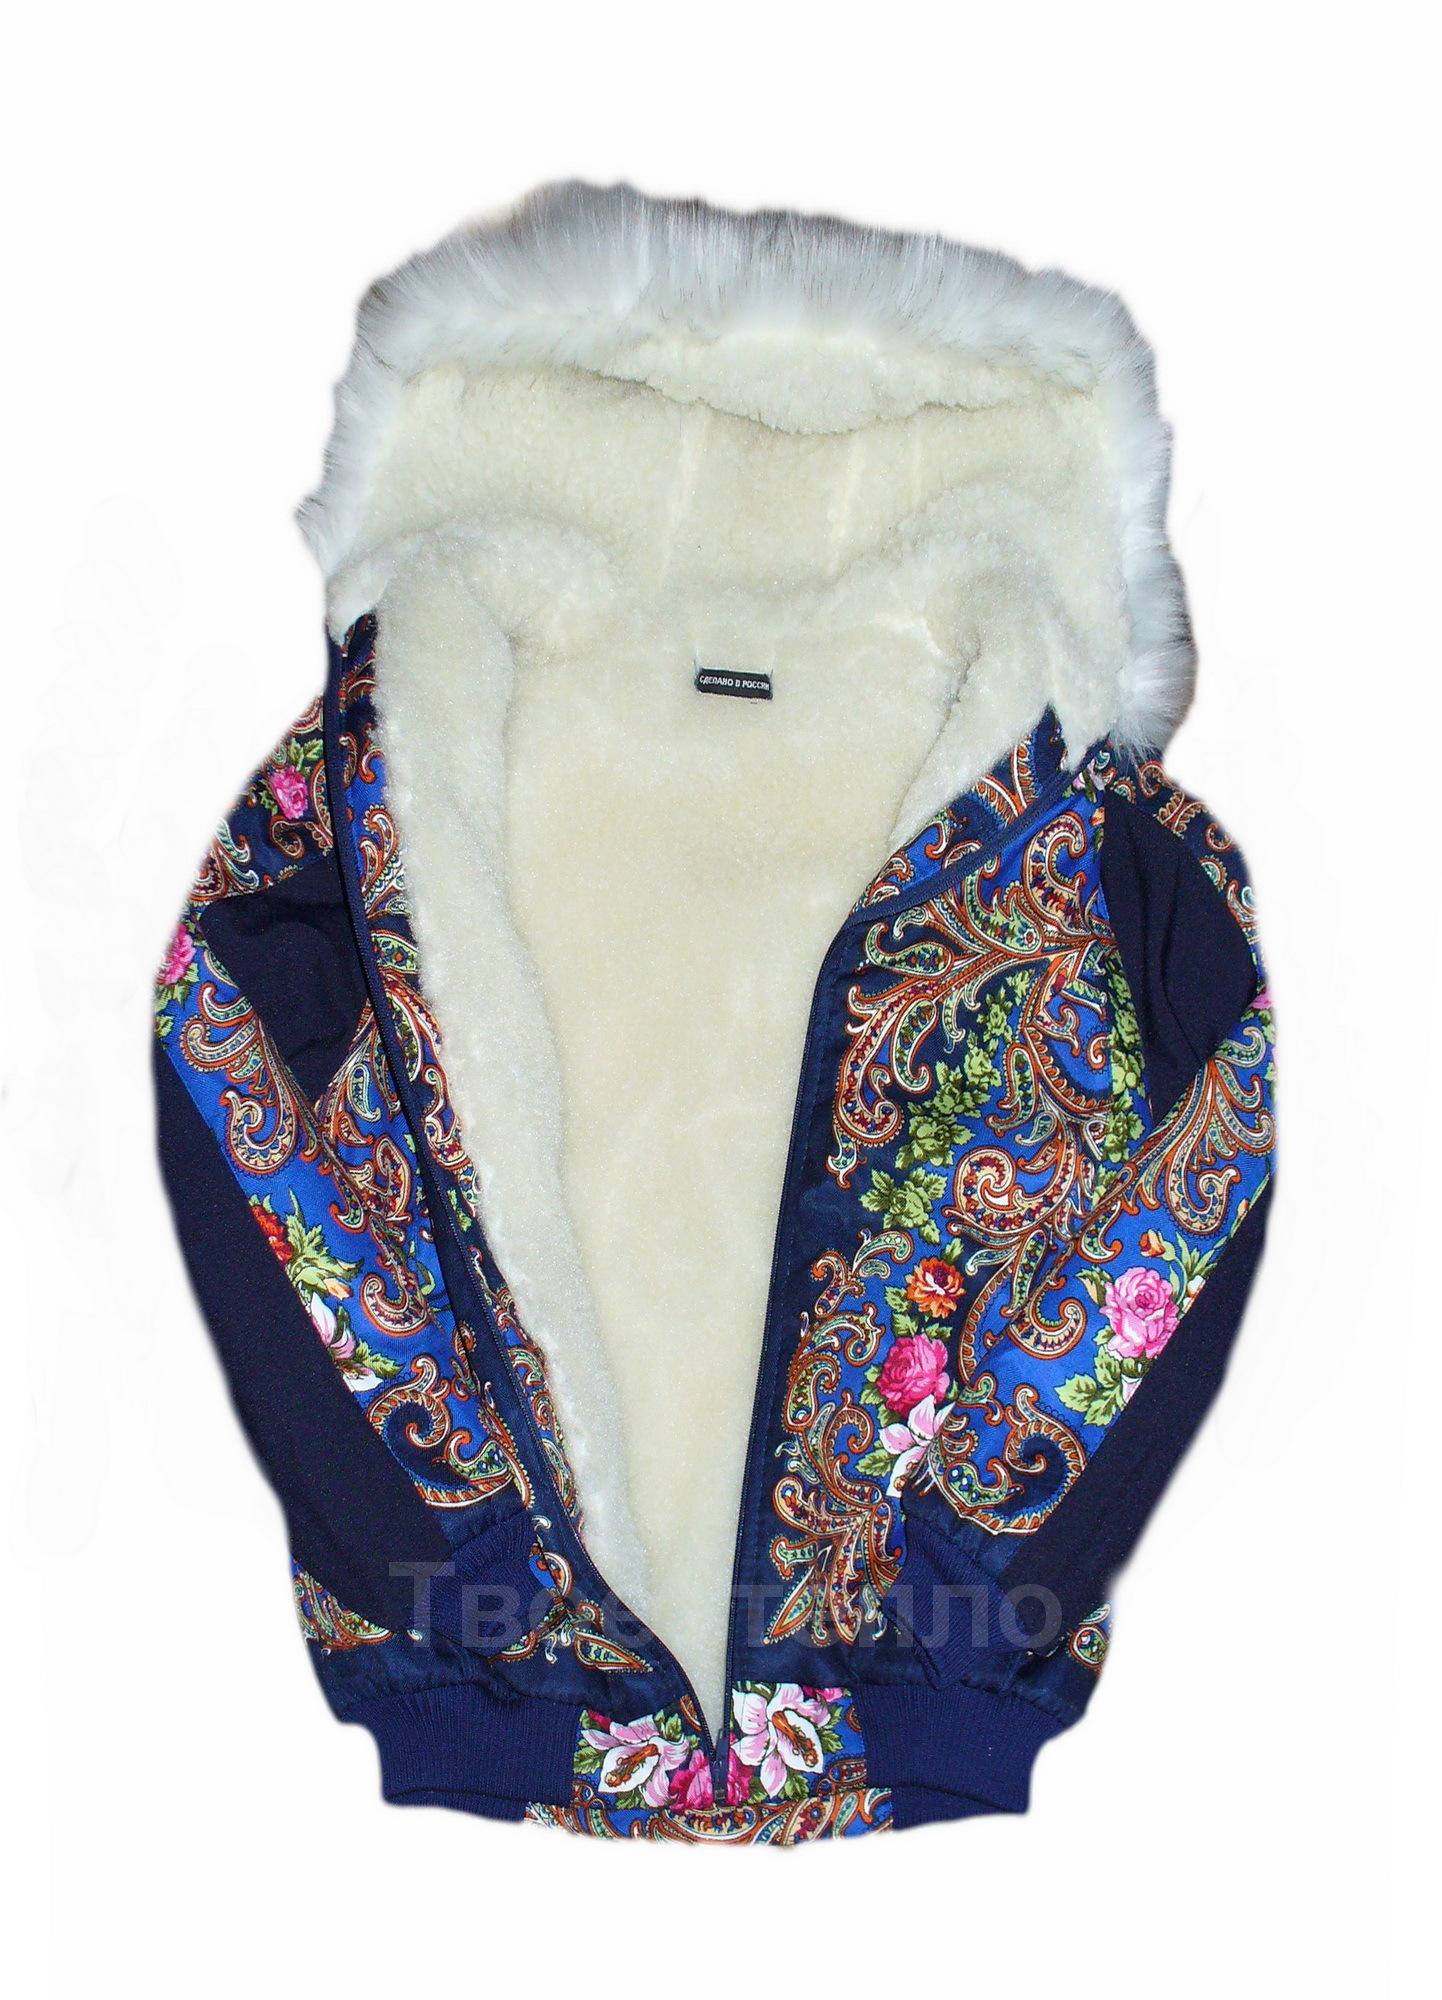 Куртка Матрешка 48 размер